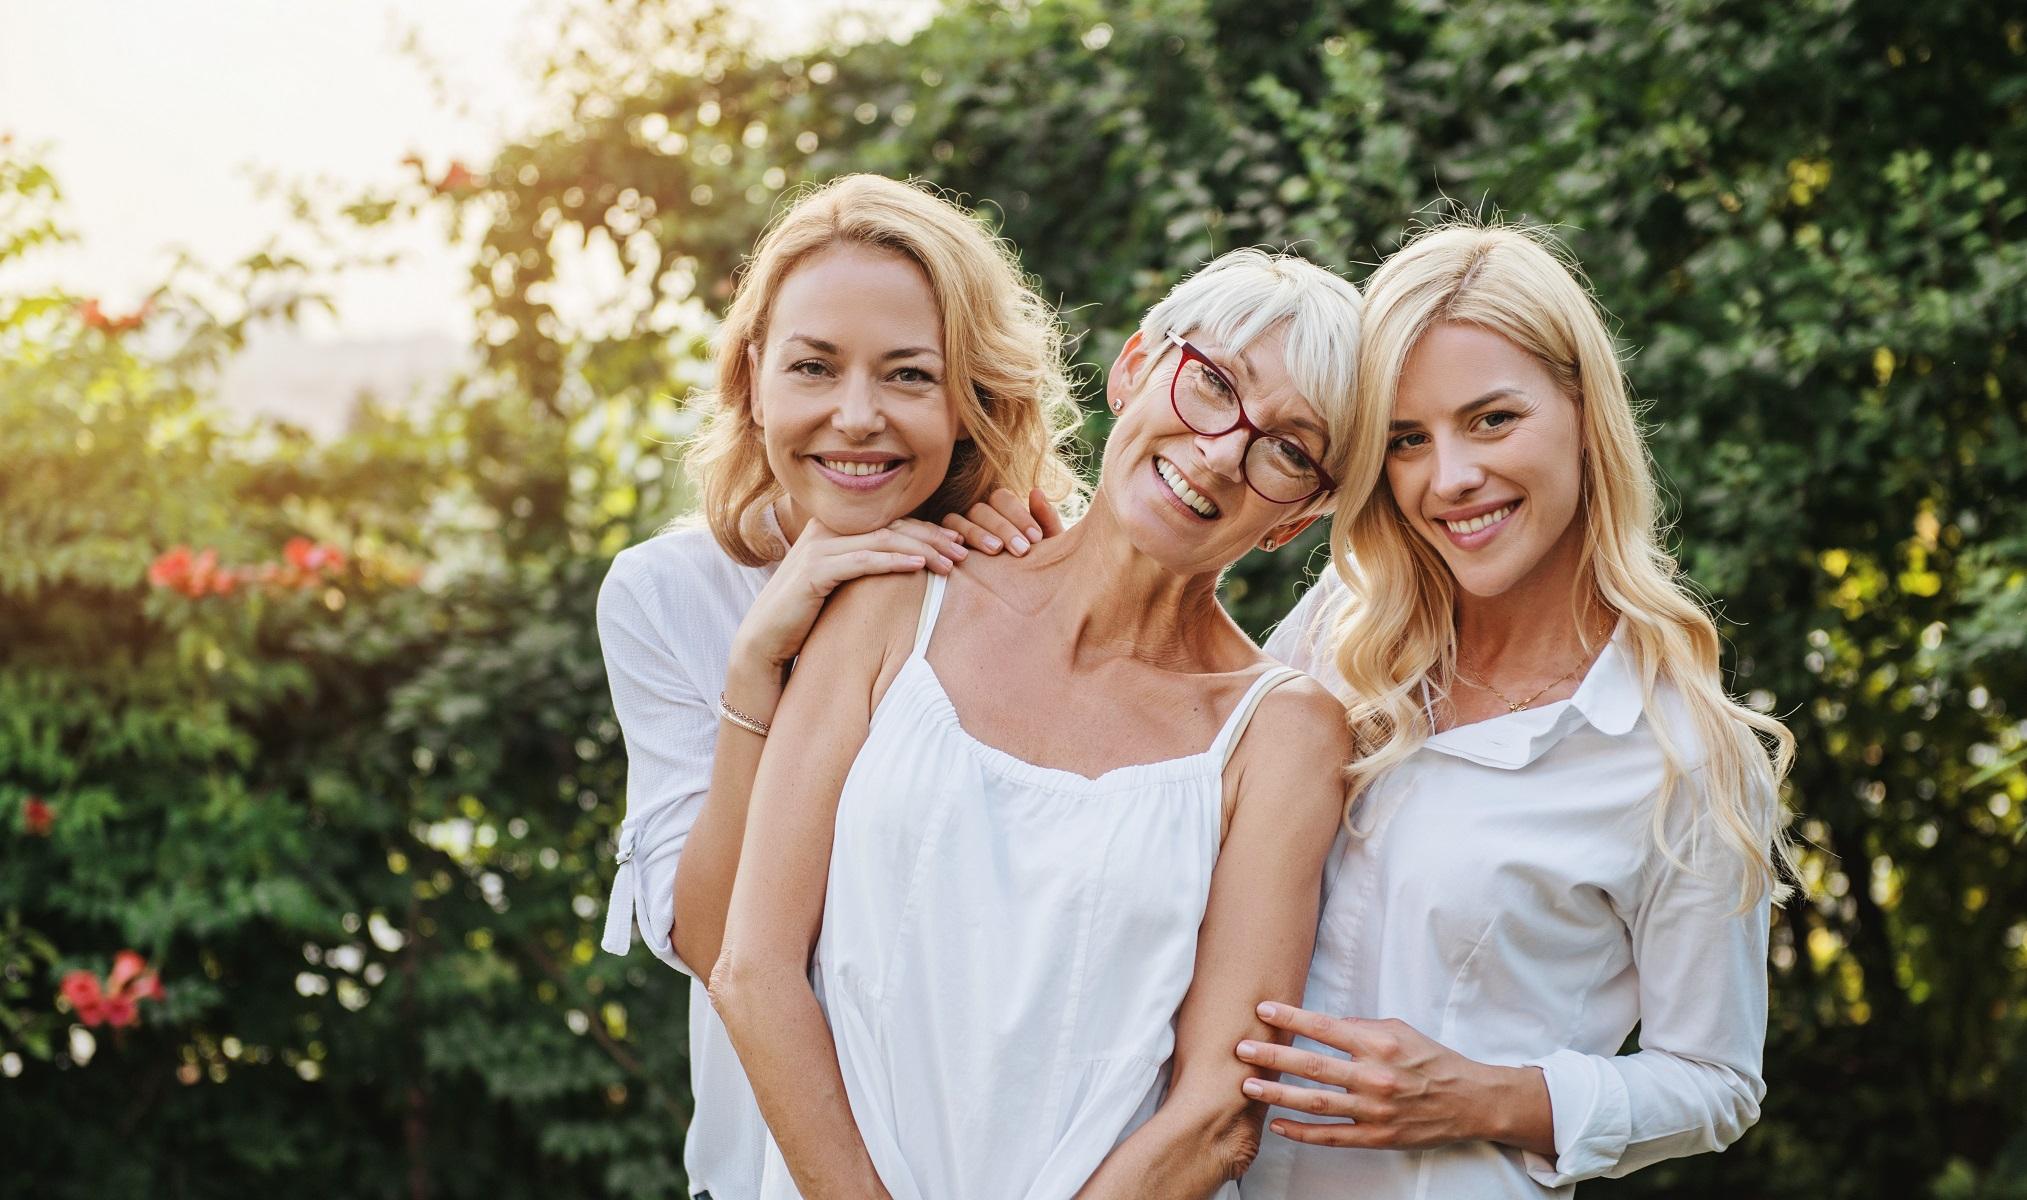 Three women enjoying outdoors talking and laughing